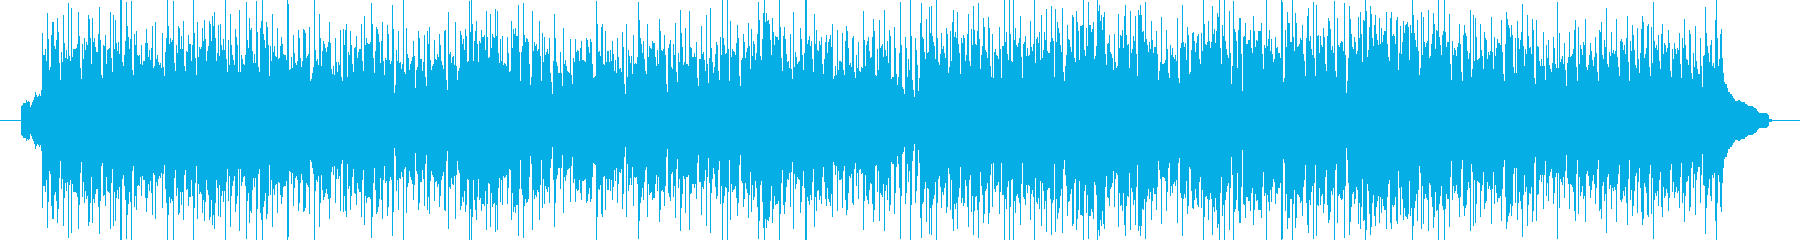 ハワイアンの定番をポップスアレンジの再生済みの波形